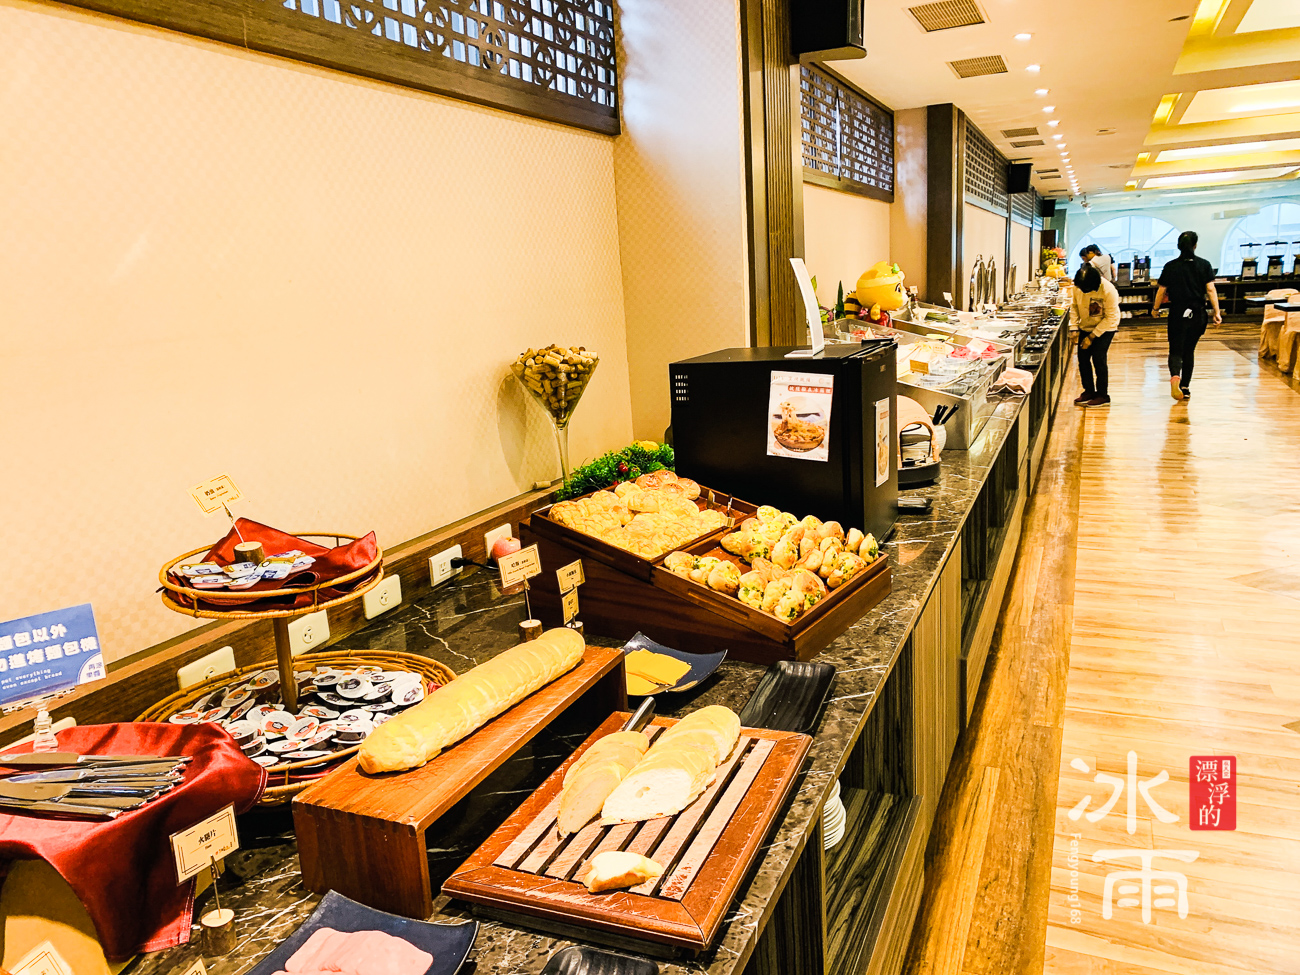 川湯春天溫泉飯店德陽館 早餐 供餐檯